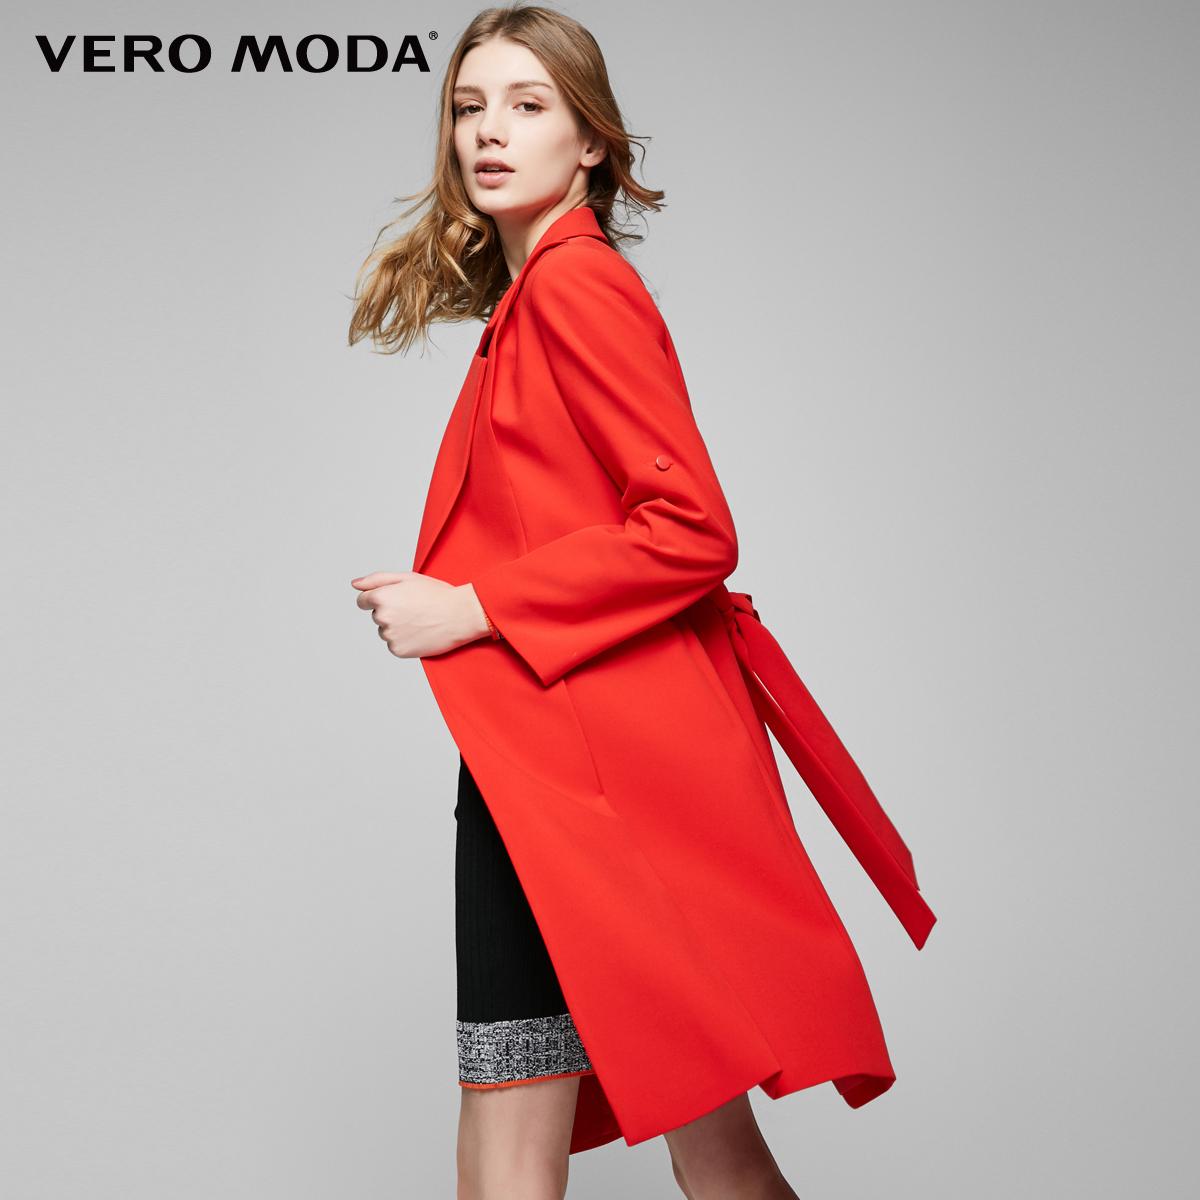 Vero Moda2017新品翻领两穿袖直筒中长款风衣外套|317121502